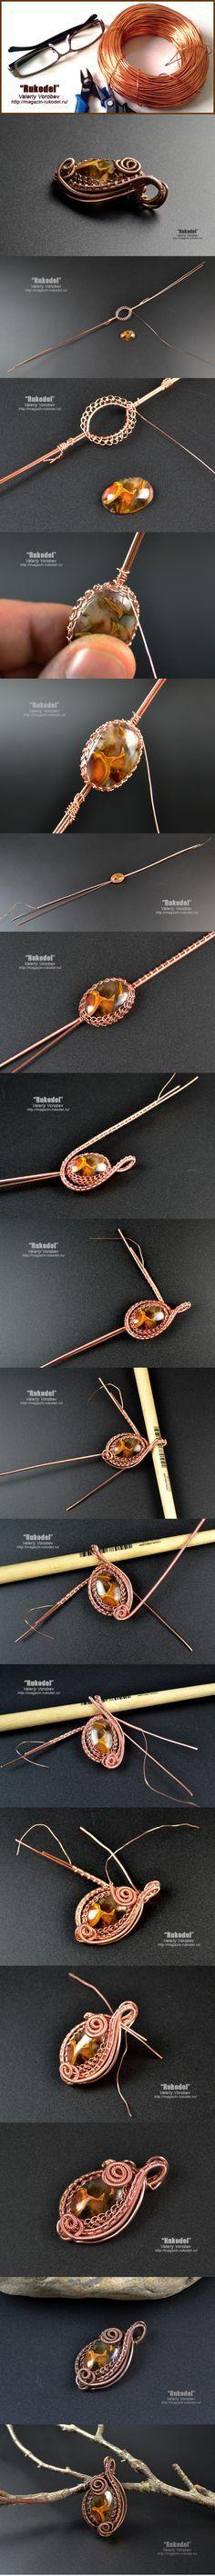 Как сделать кулон (подвеску) из проволоки.   Рукодел - Wire Wrap Pendant